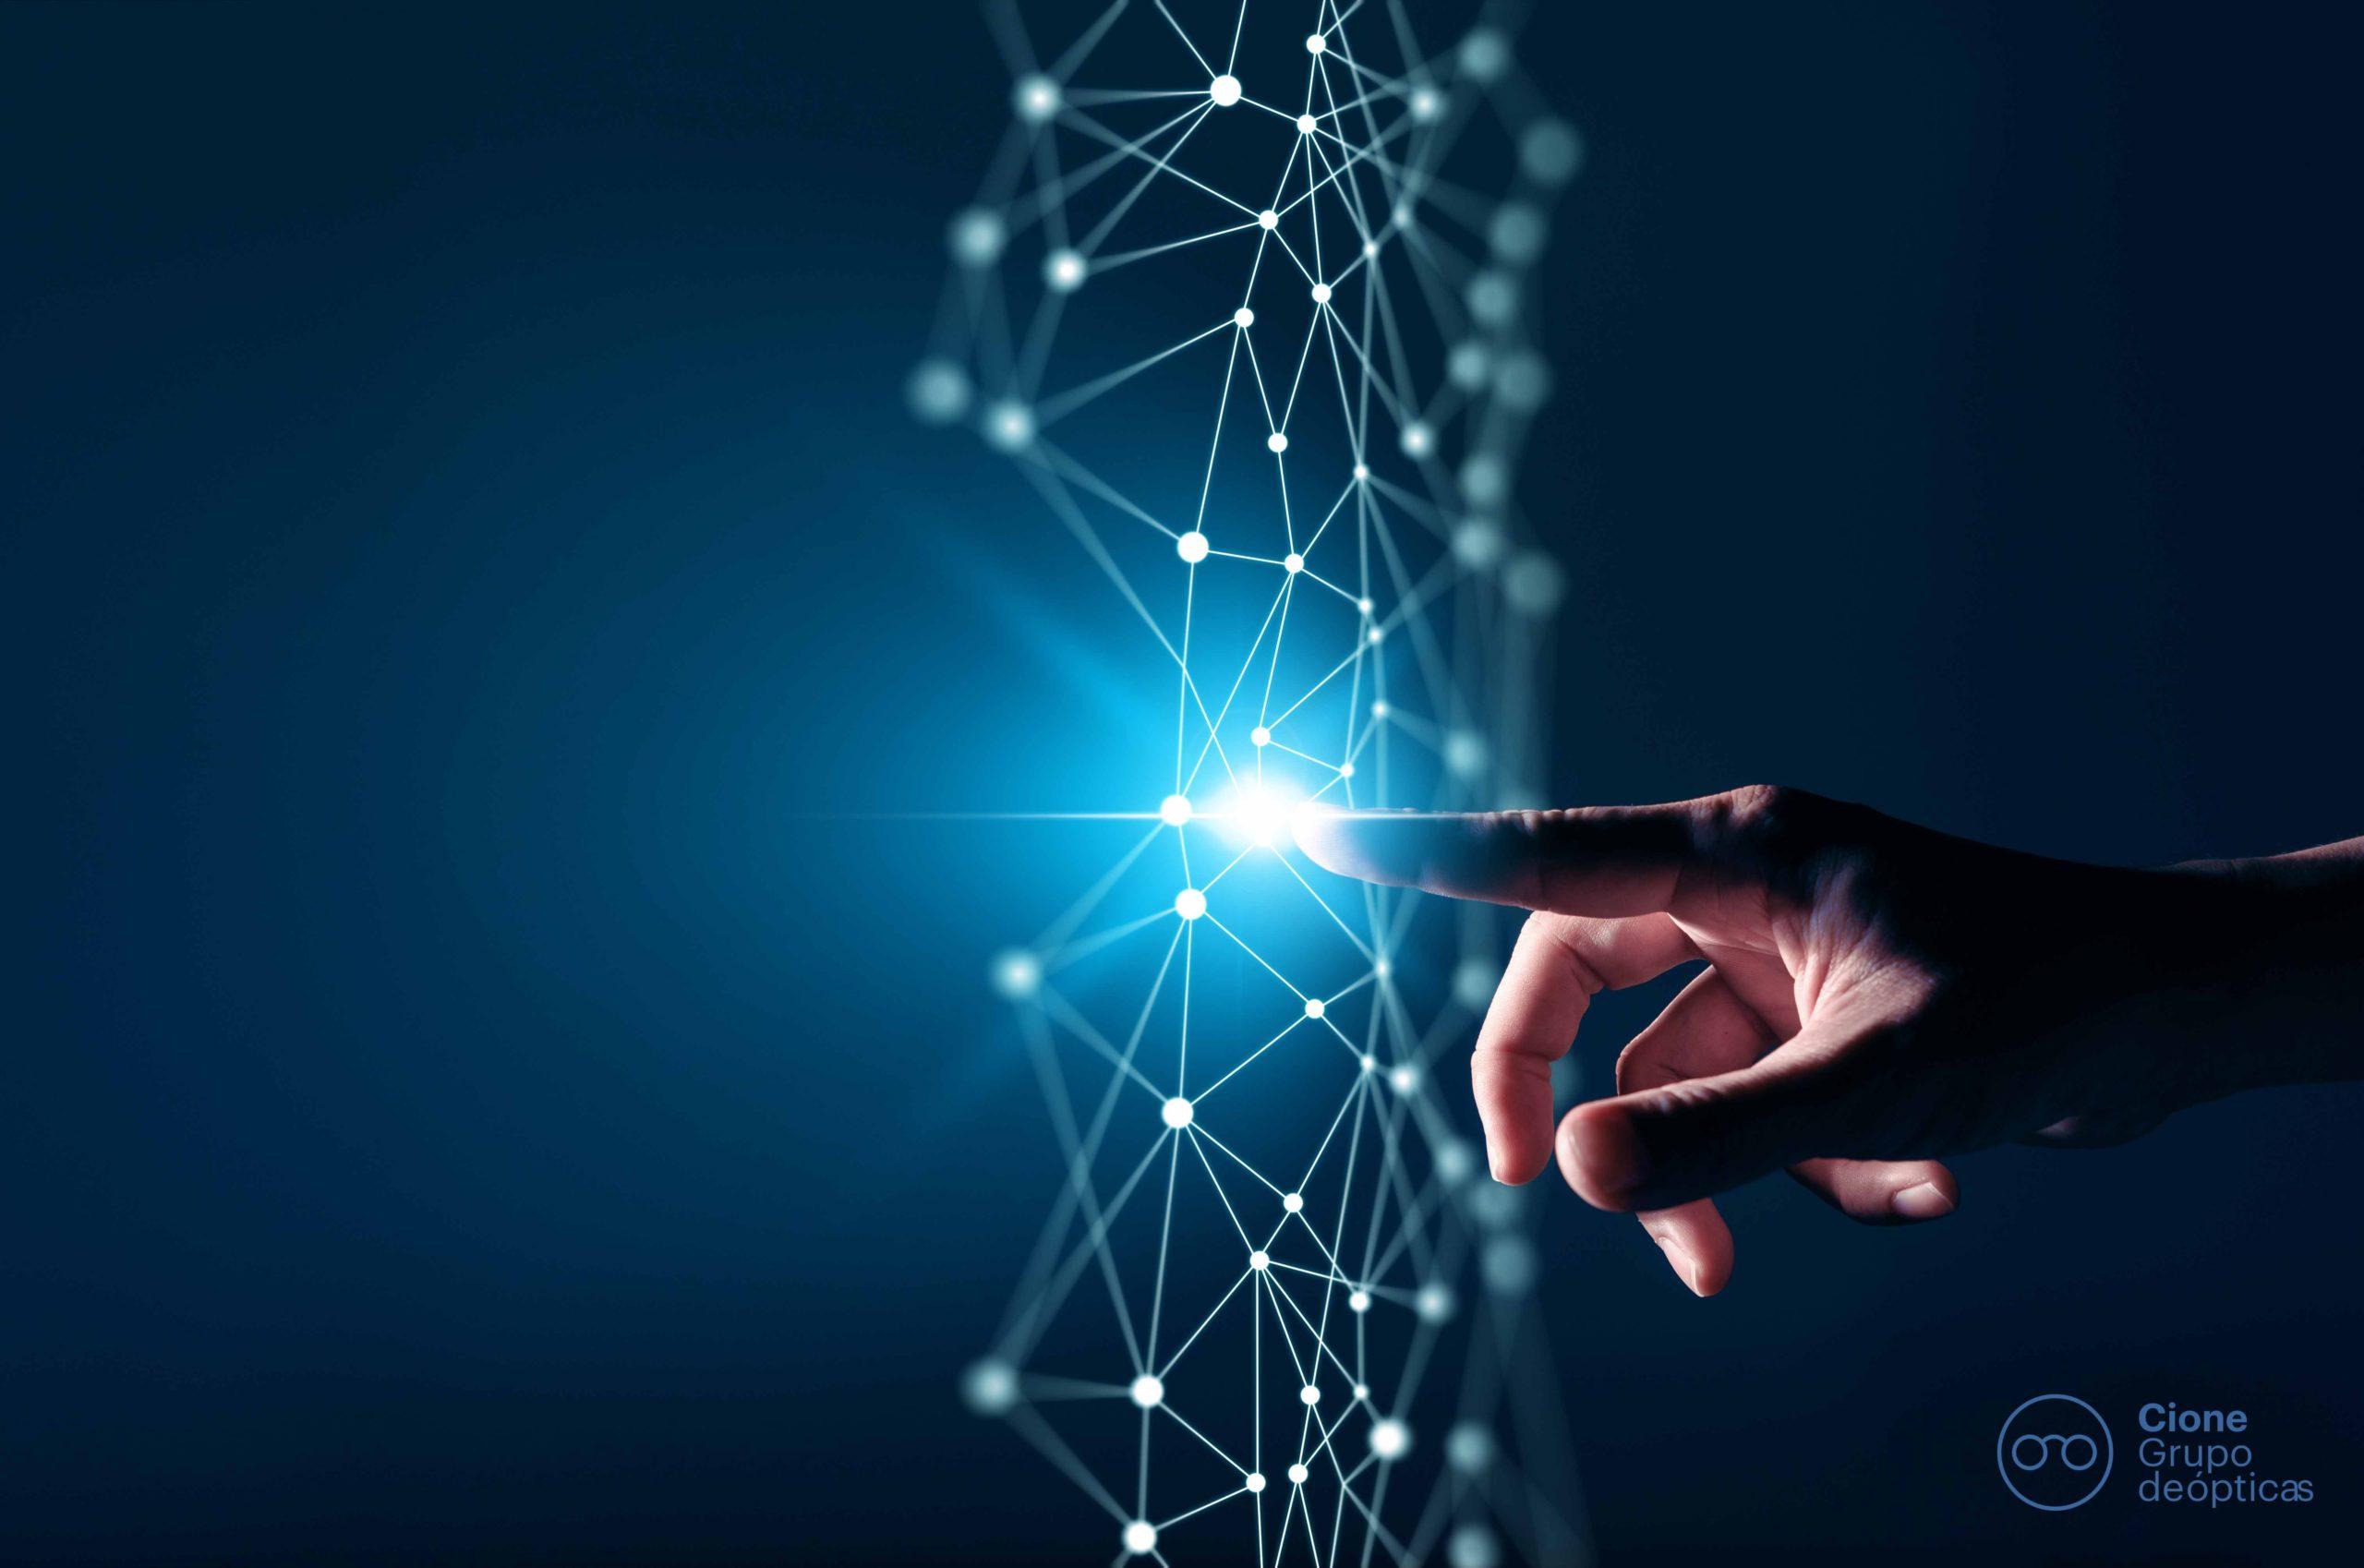 Cione se alía con Fundación Empresa y Sociedad para solventar 5 retos empresariales de la mano de startups